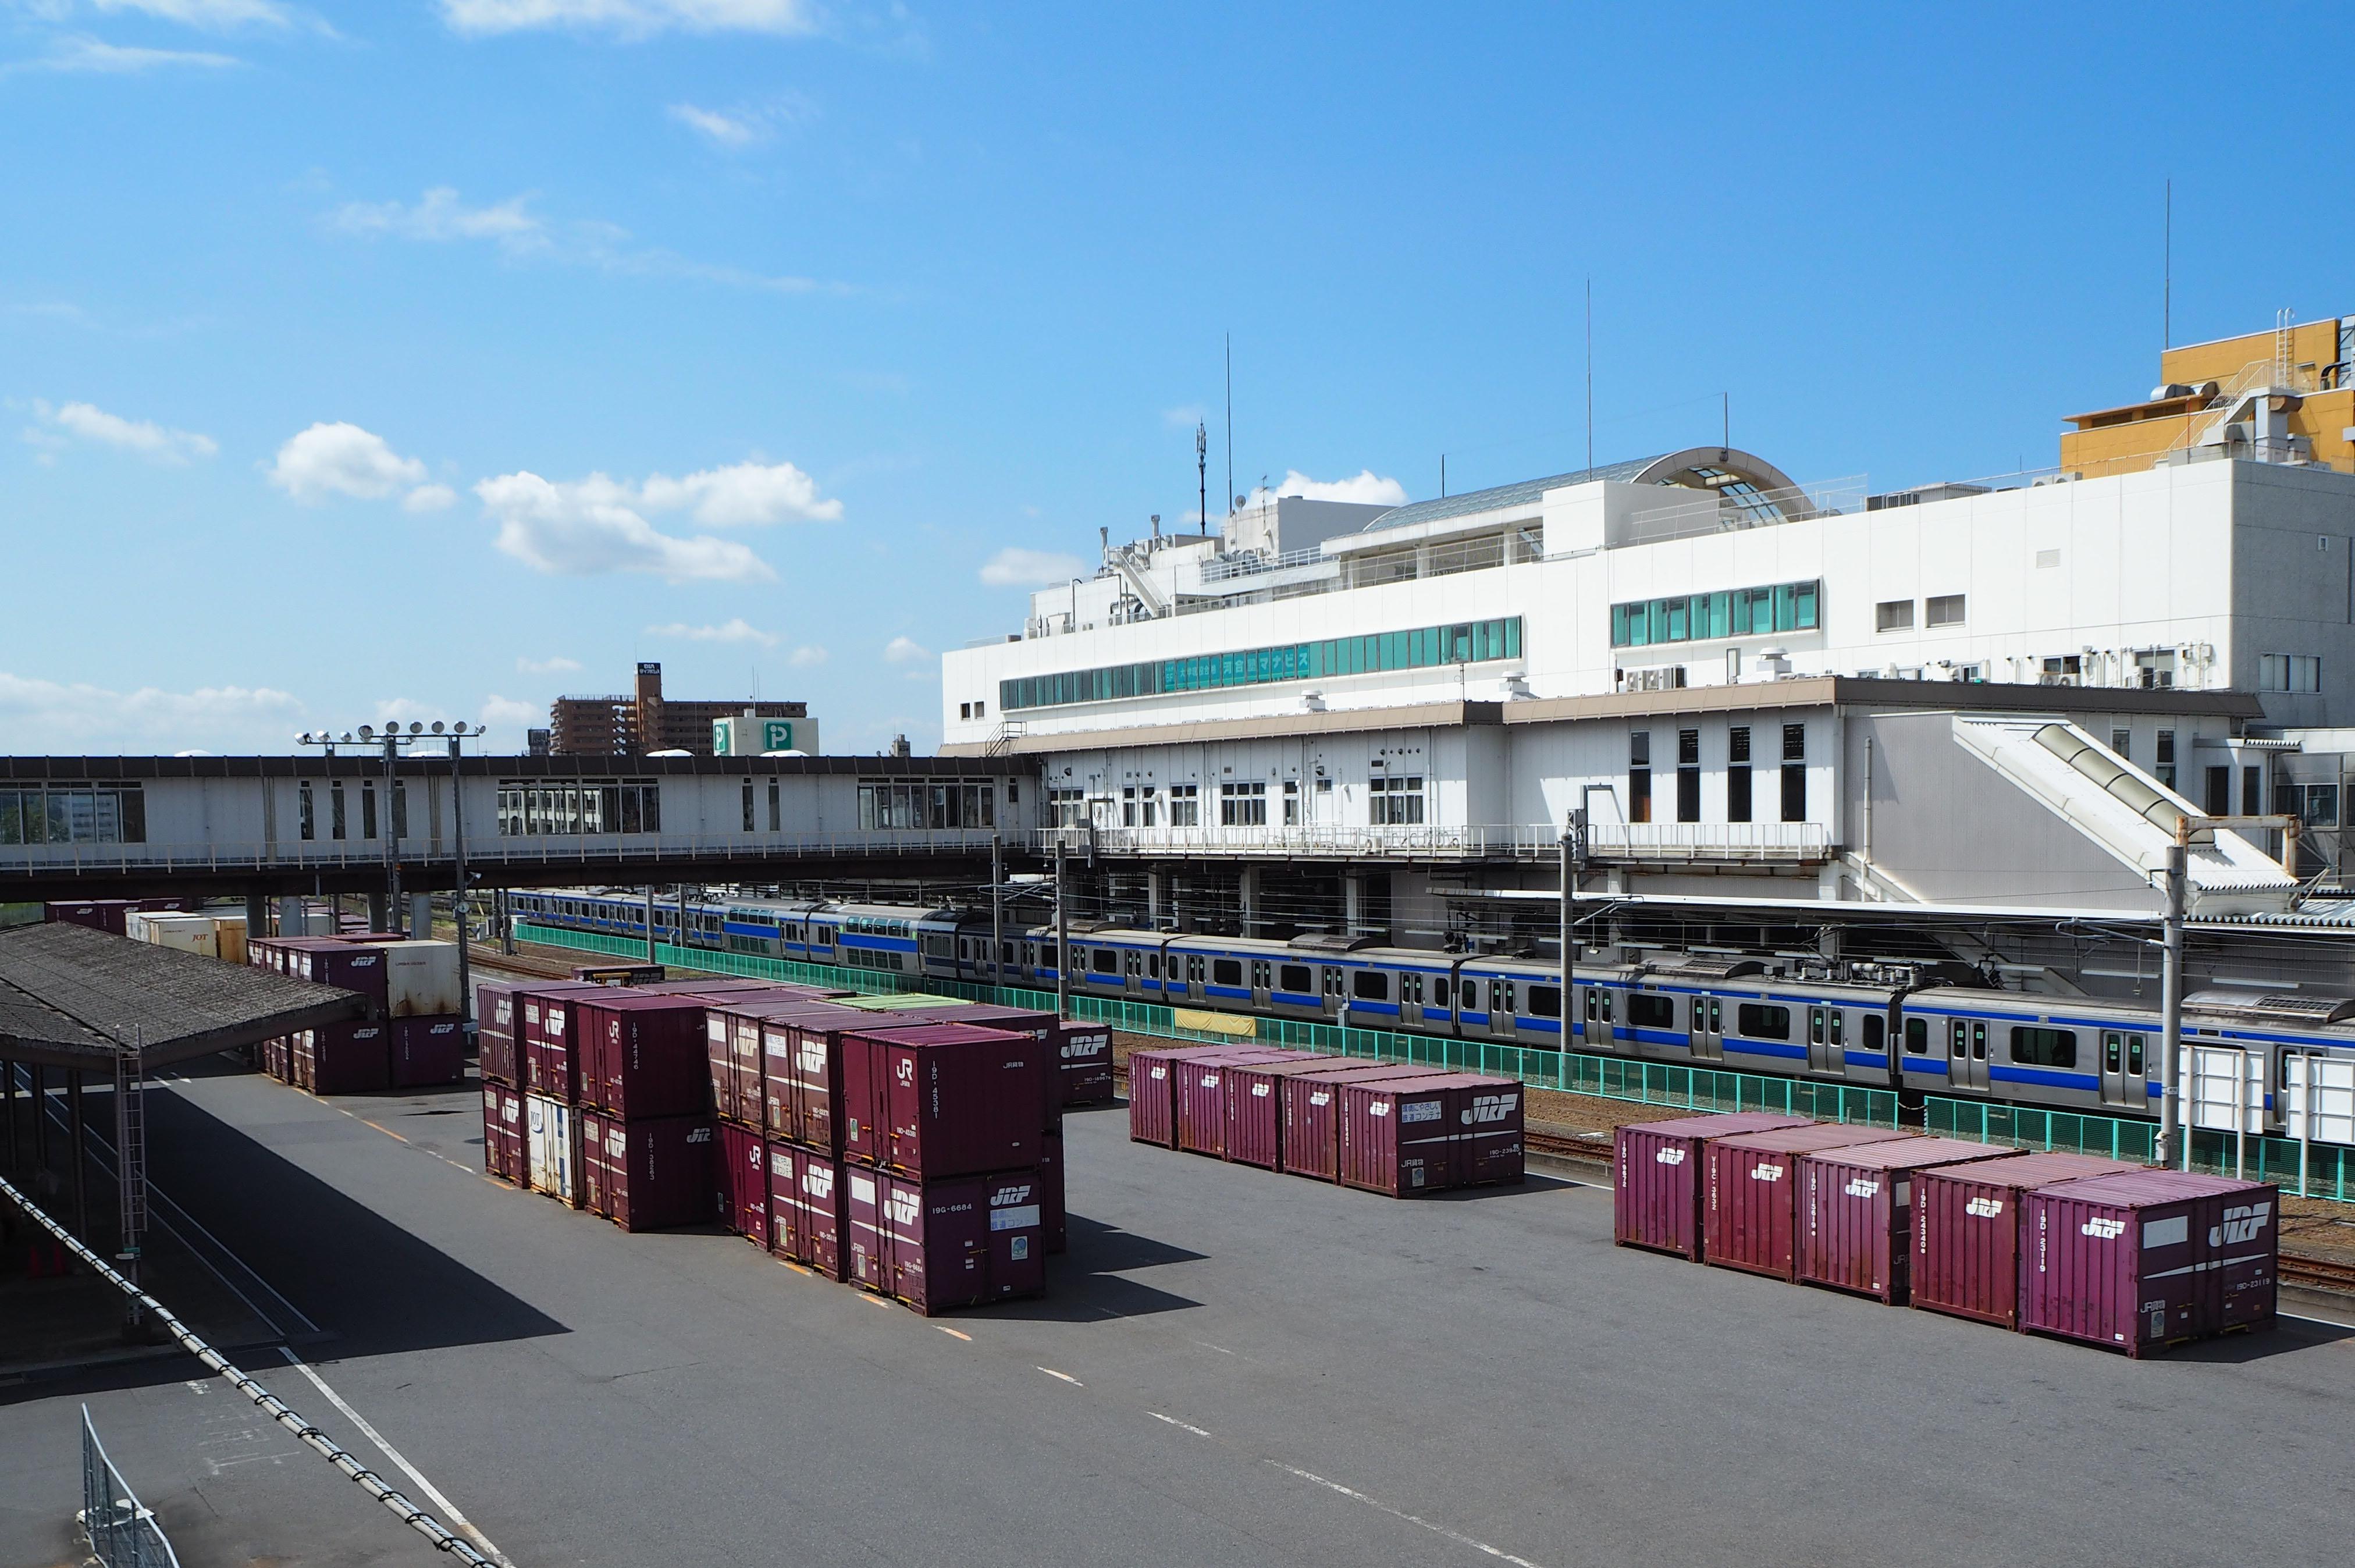 https://upload.wikimedia.org/wikipedia/commons/7/78/Tsuchiura-Sta-Freight-Terminal.JPG